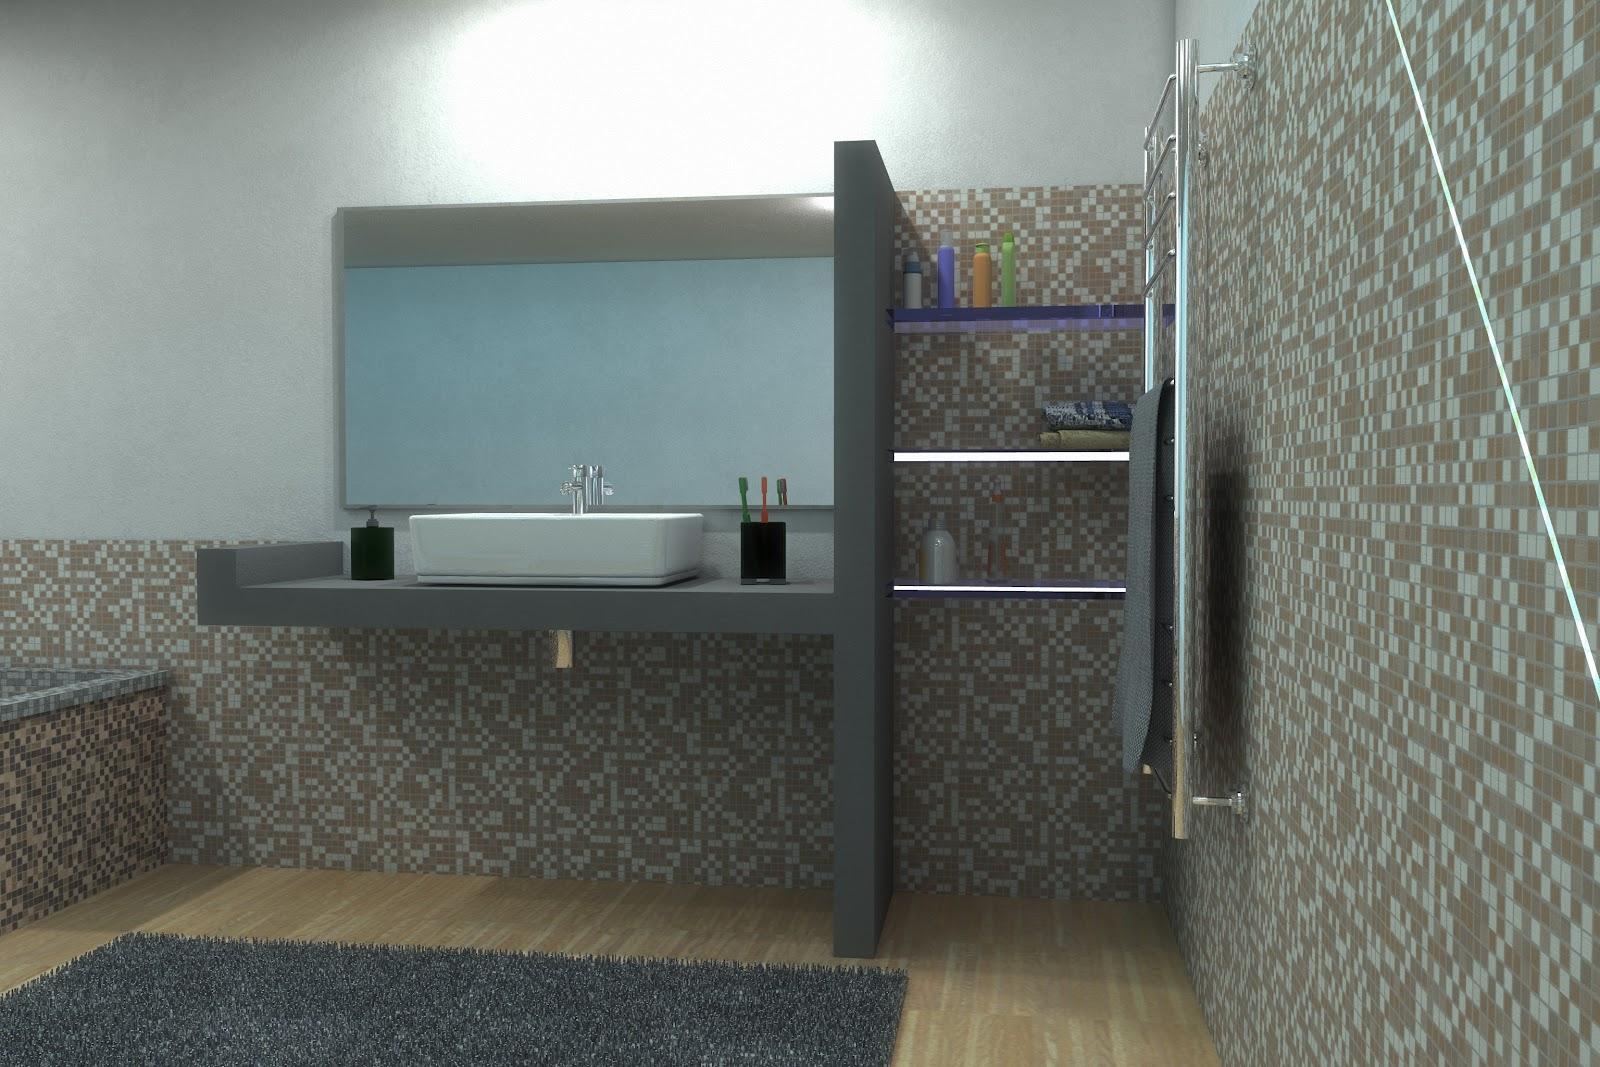 Bagno Legno E Mosaico : Bagno parquet mosaico il mosaico a san vittore olona mi pavimenti